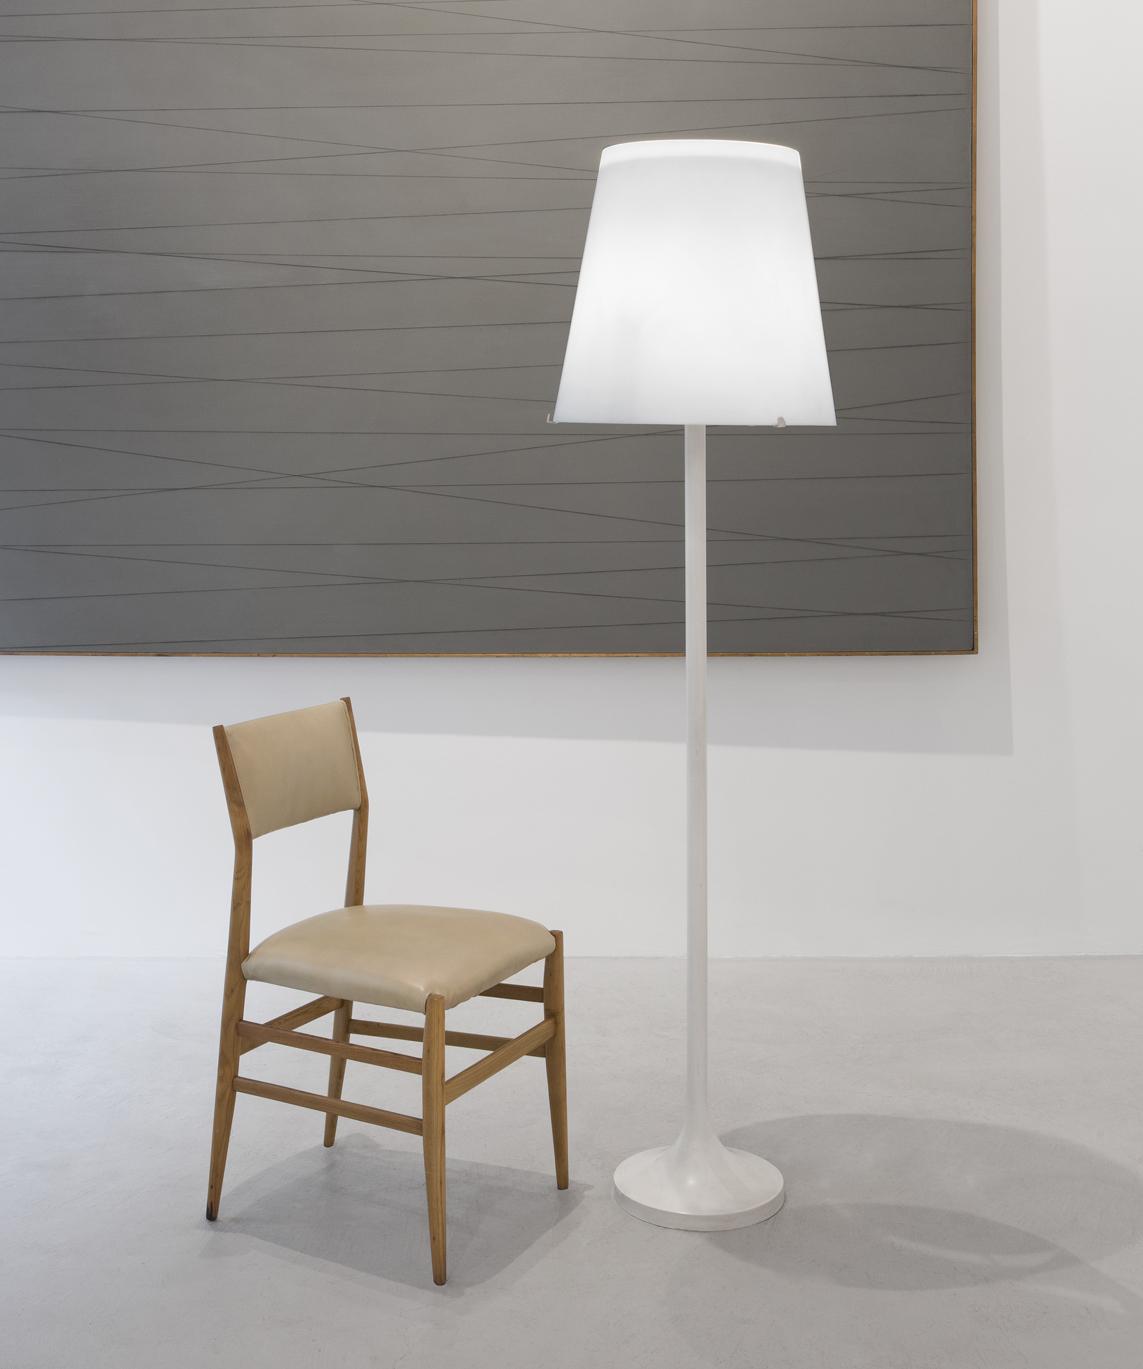 Gio-ponti-12-chairs-galleria-michela_cattai